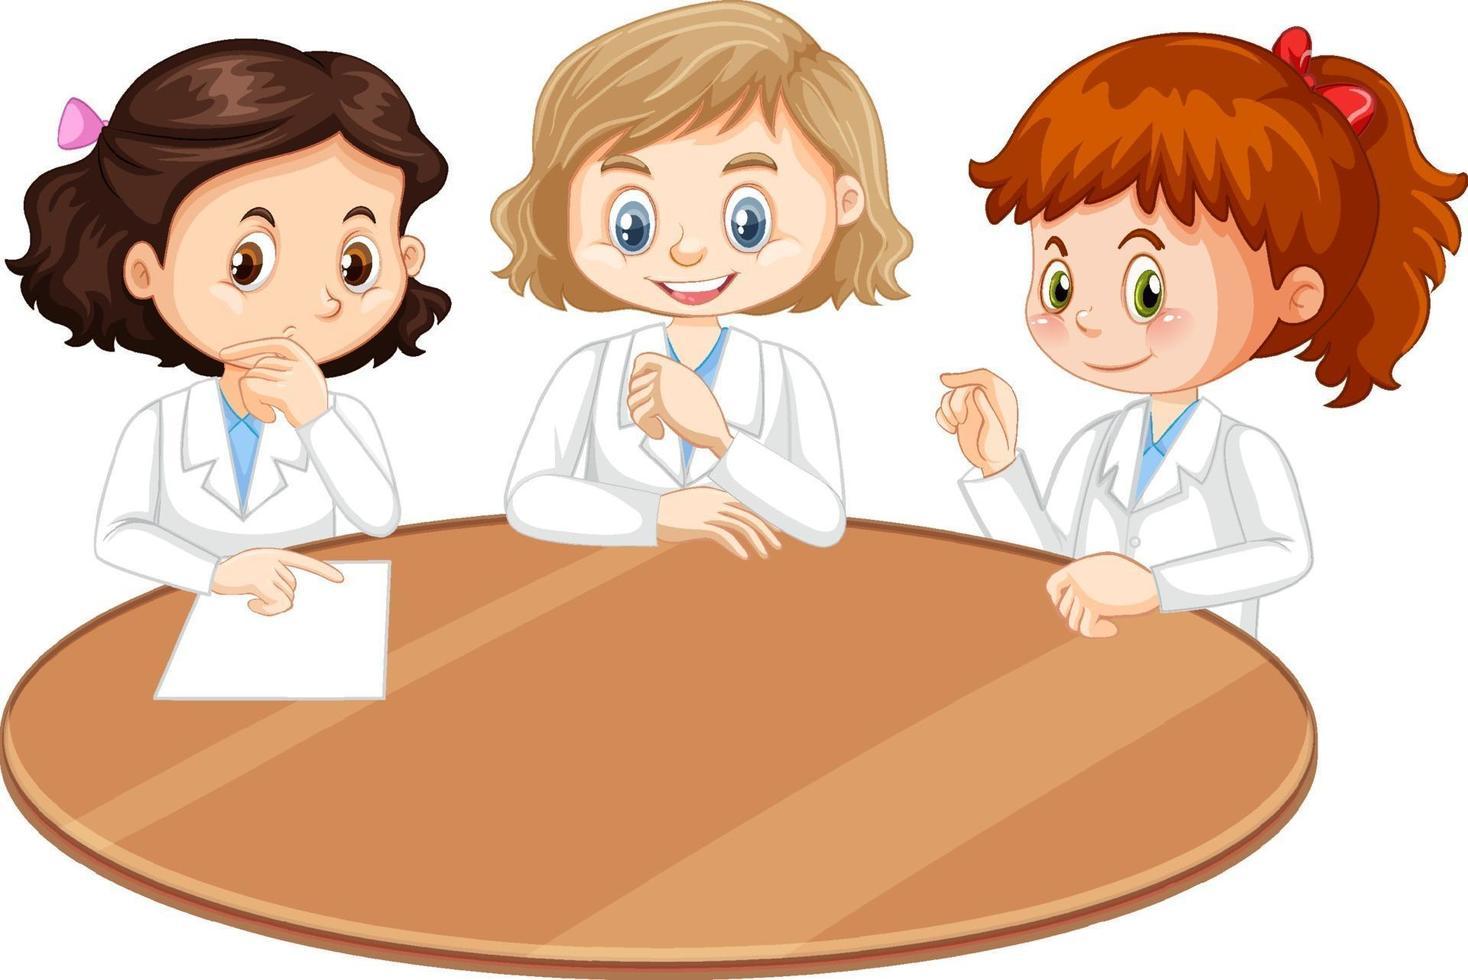 personaje de dibujos animados de tres niñas científicas con mesa en blanco vector